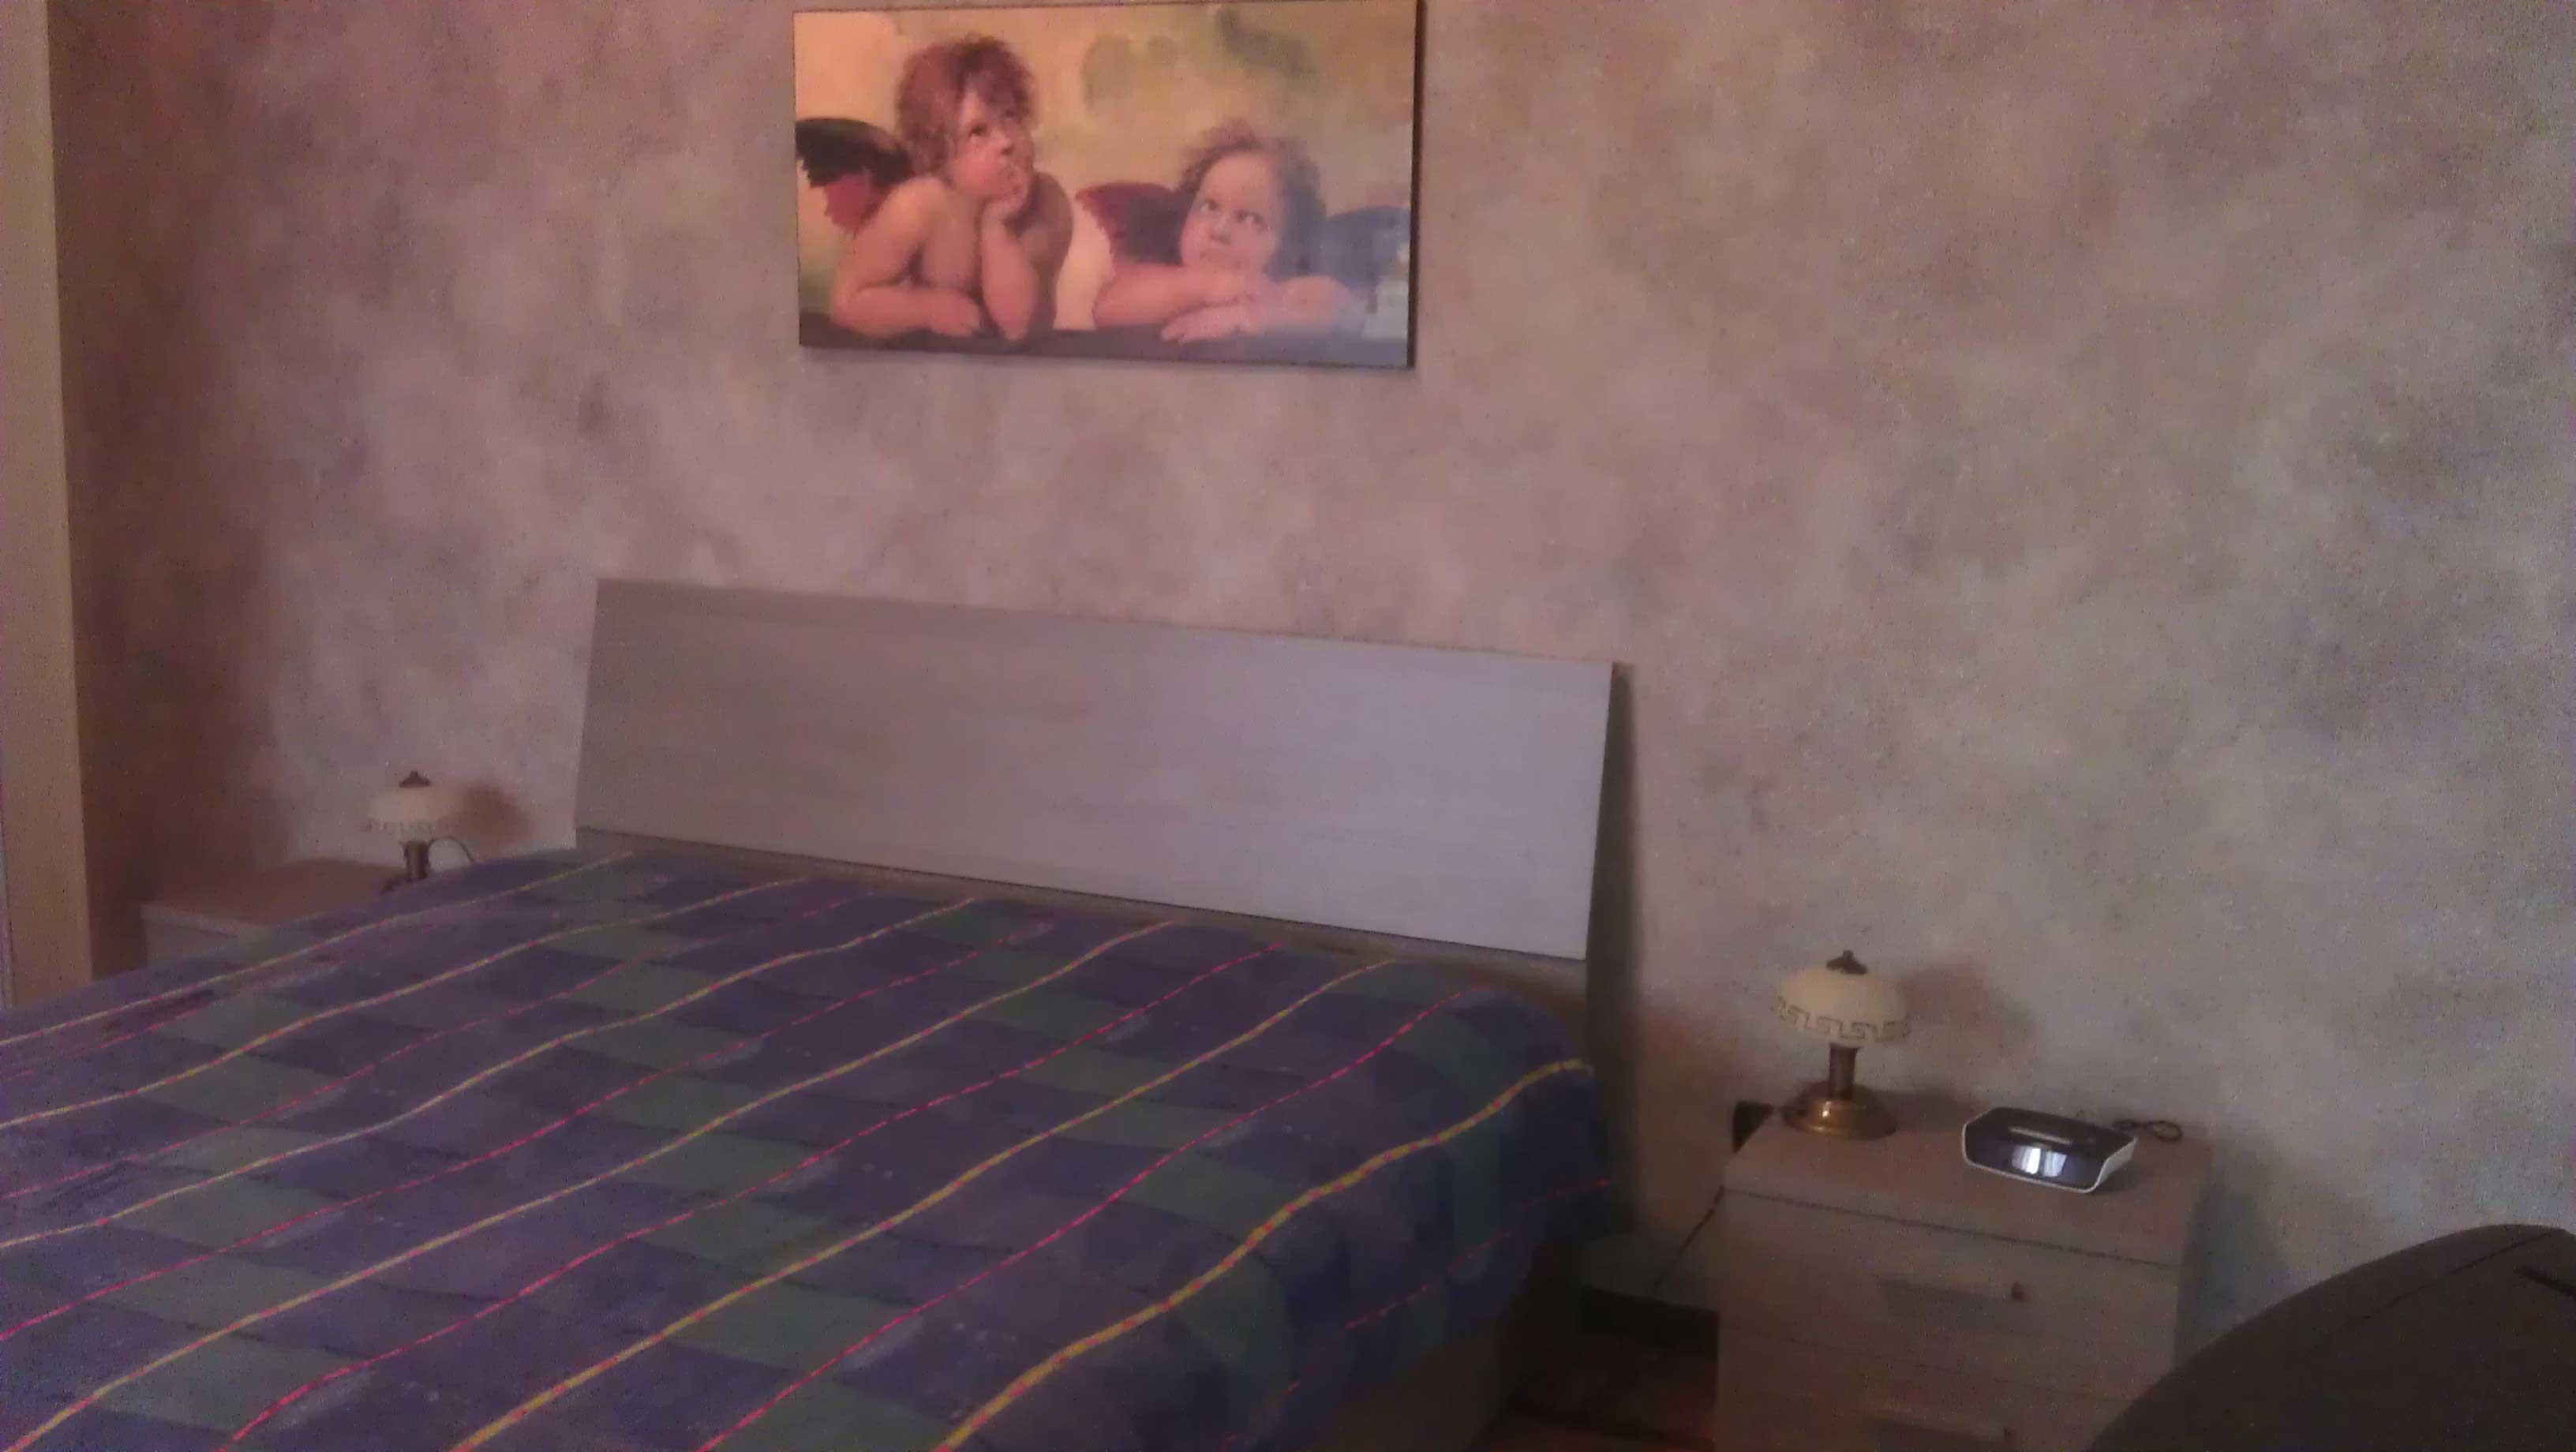 Appartamenti affitto humanitas rozzano cristina case appartamenti in affitto per brevi periodi - Posti letto humanitas rozzano ...